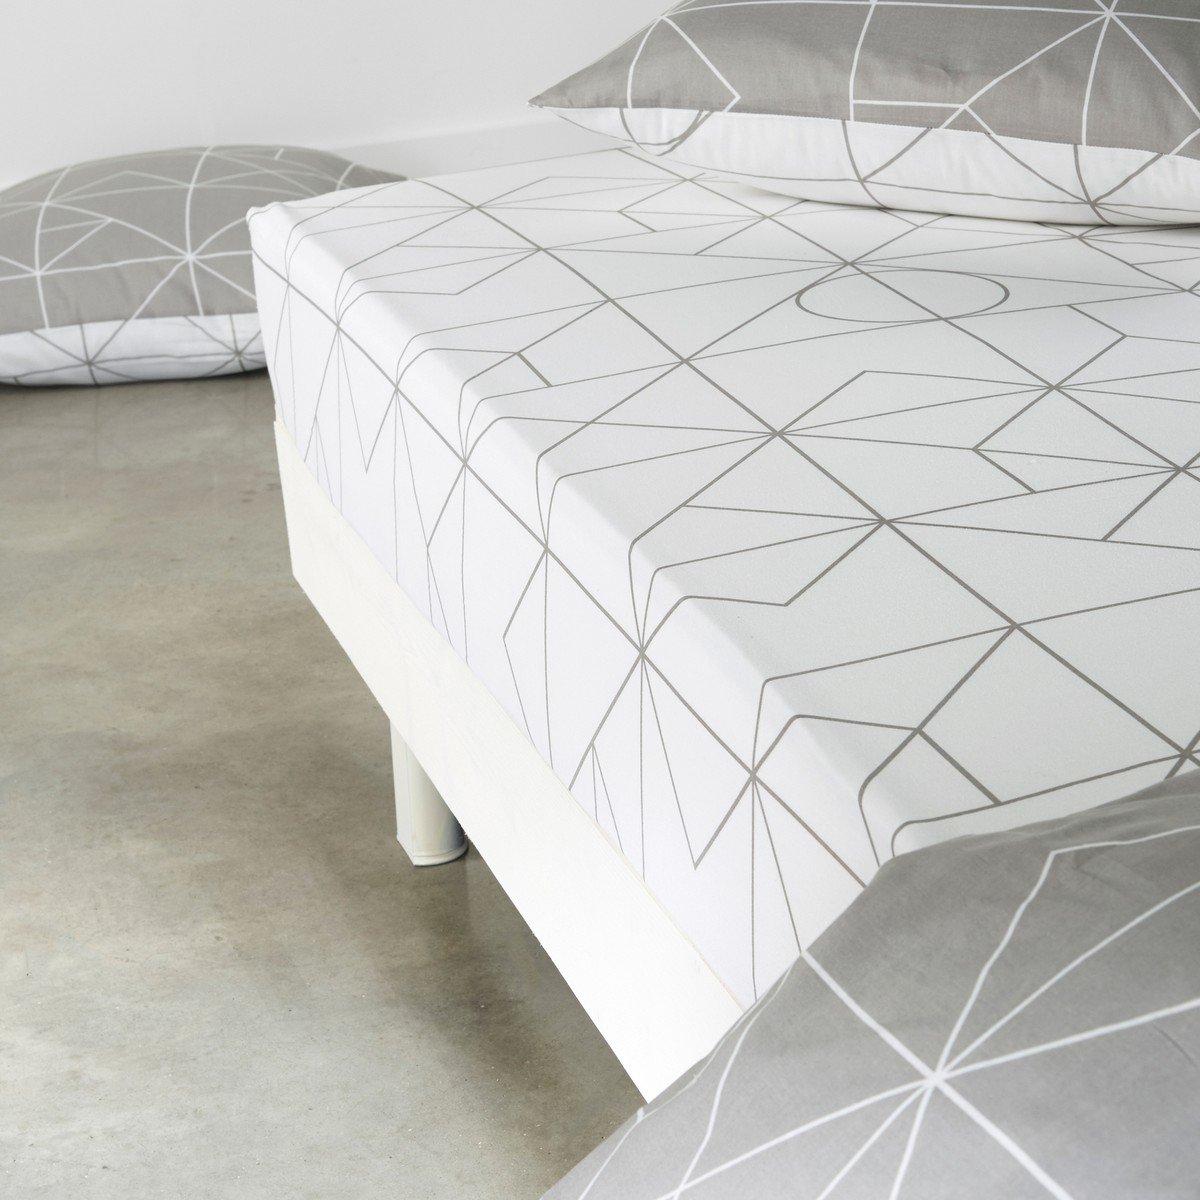 Простыня La Redoute Натяжная из хлопка VIDMEY 160 x 200 см белый